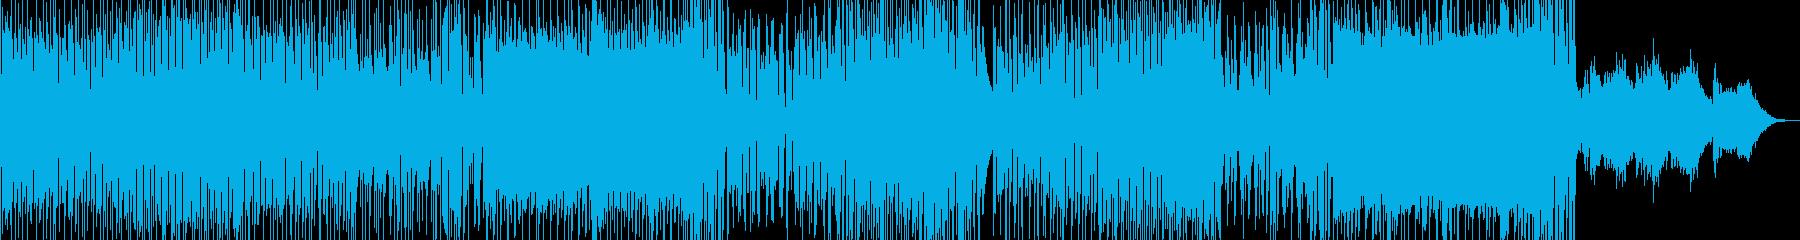 ドタバタコメディ・アニメ調ポップ 長尺★の再生済みの波形